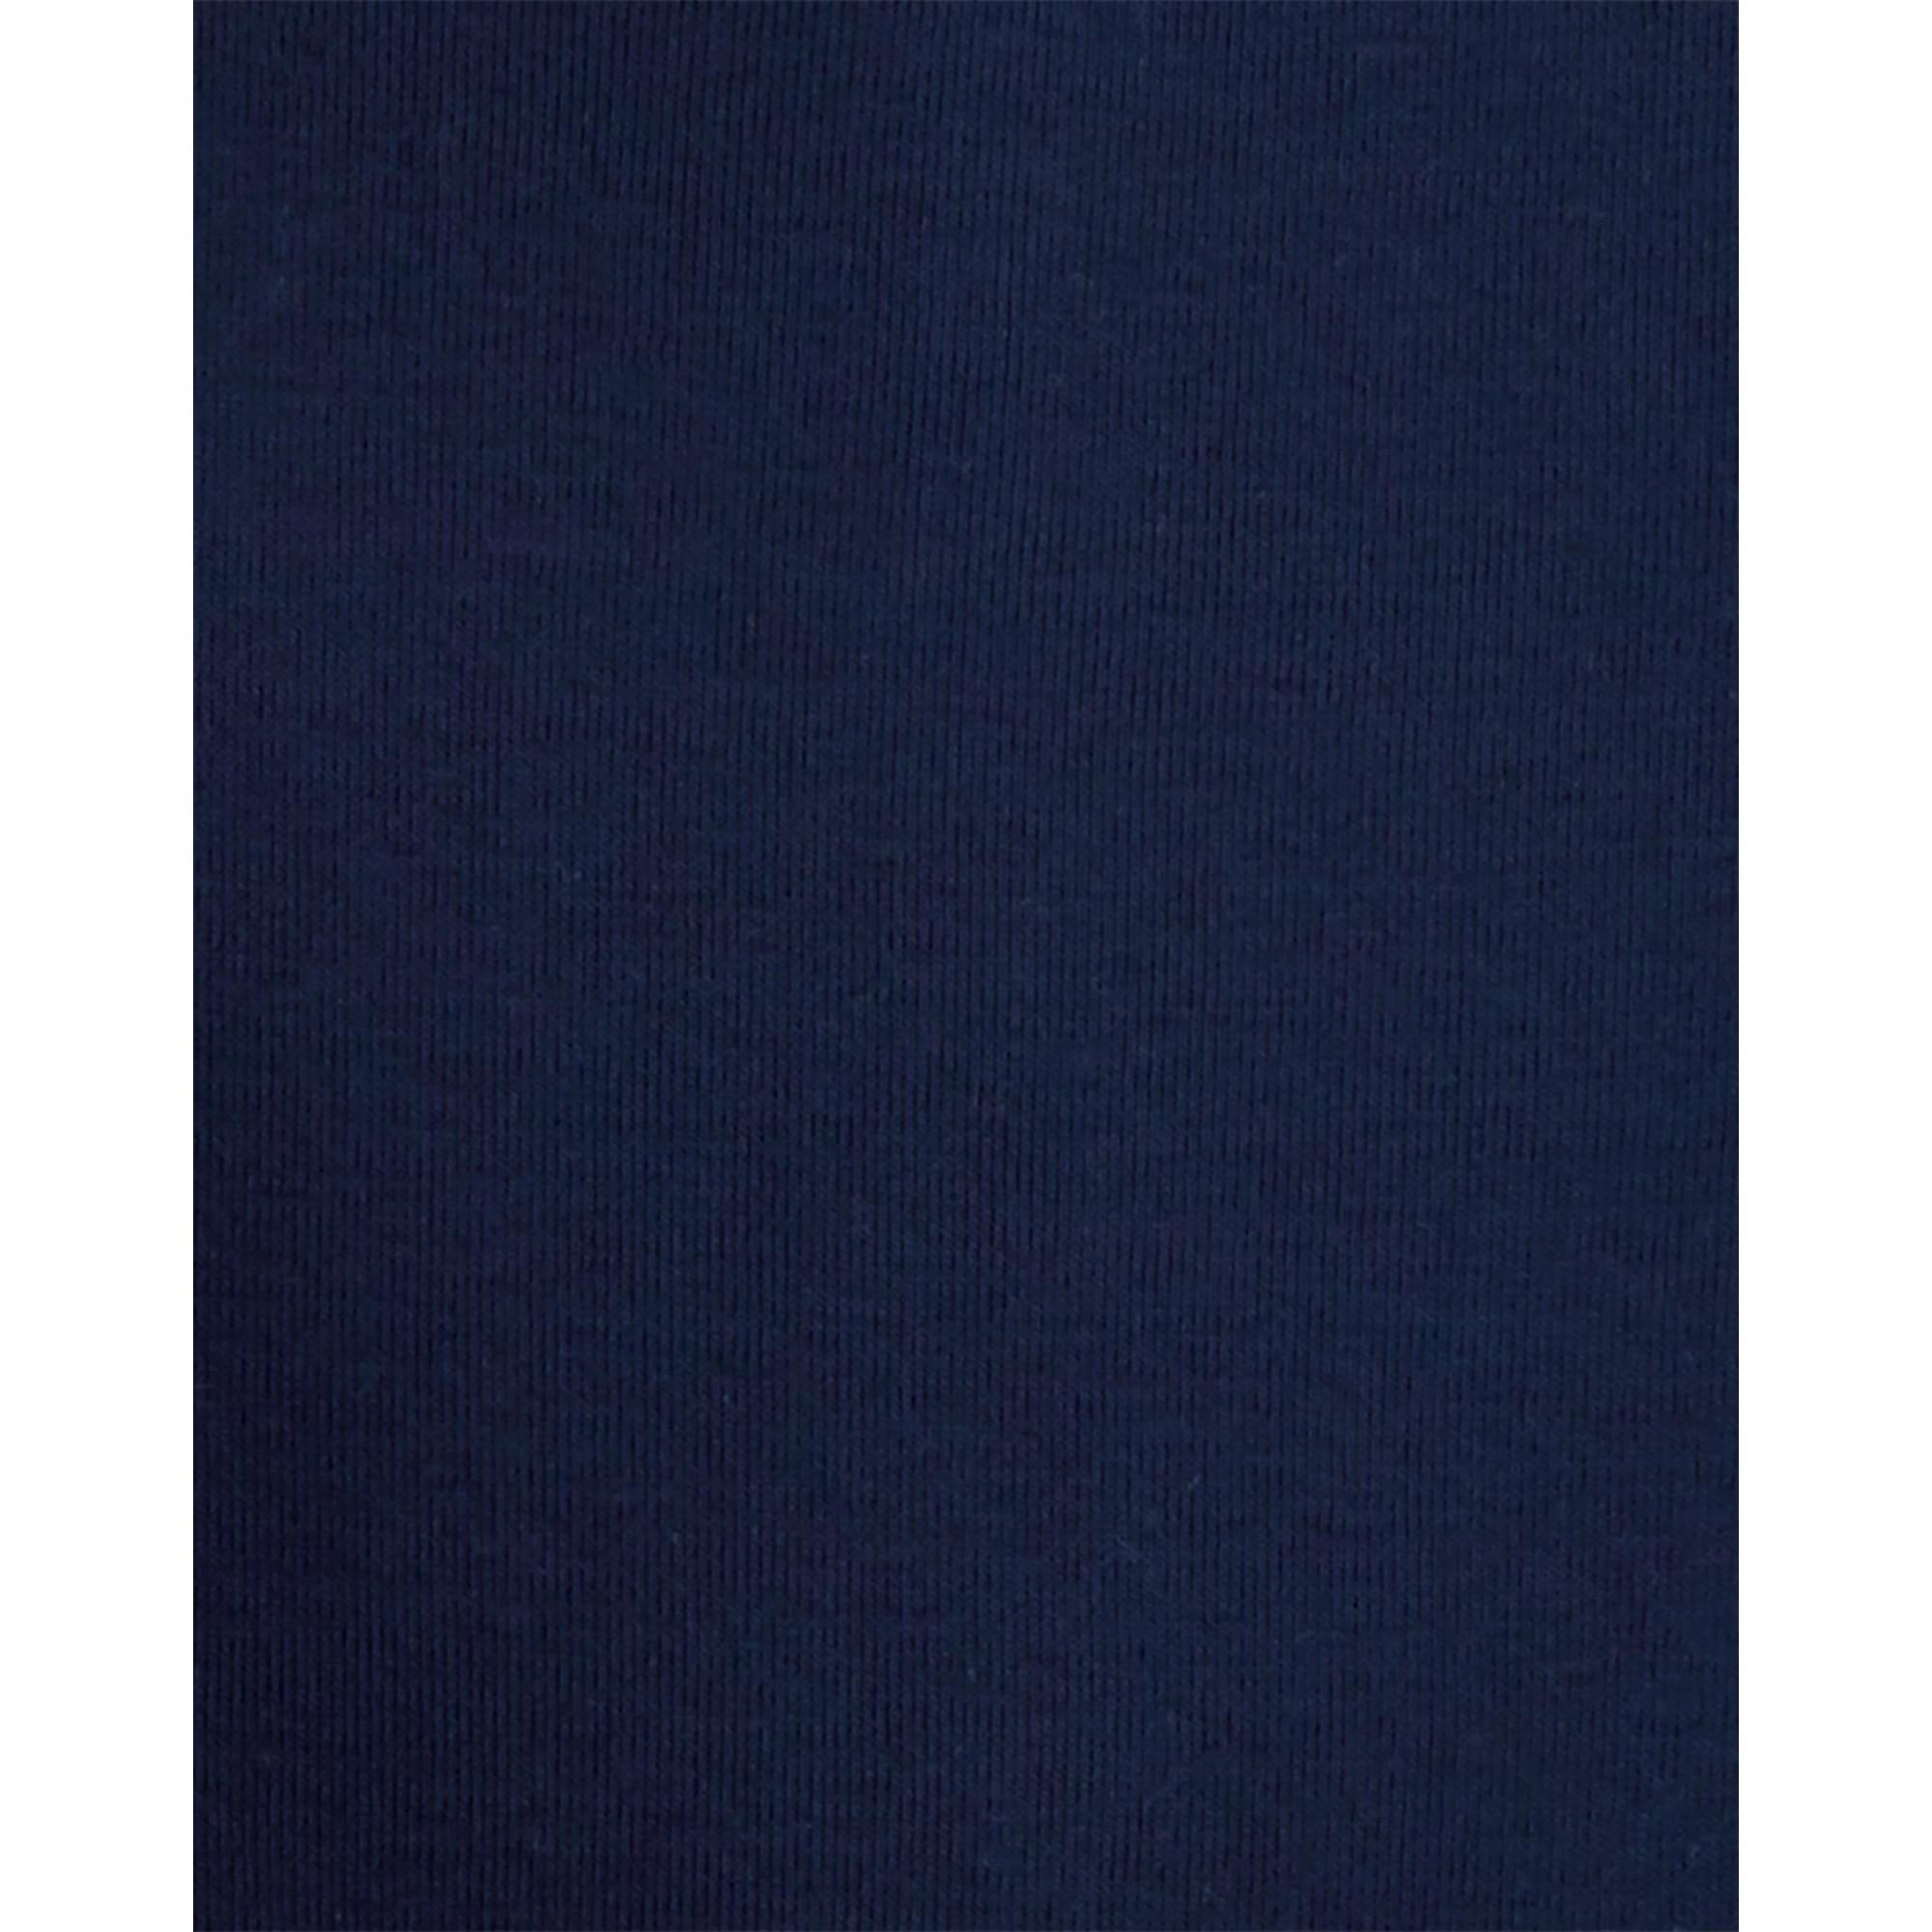 Conjunto Jaqueta 3 Peças Listras Carter's - Azul Claro